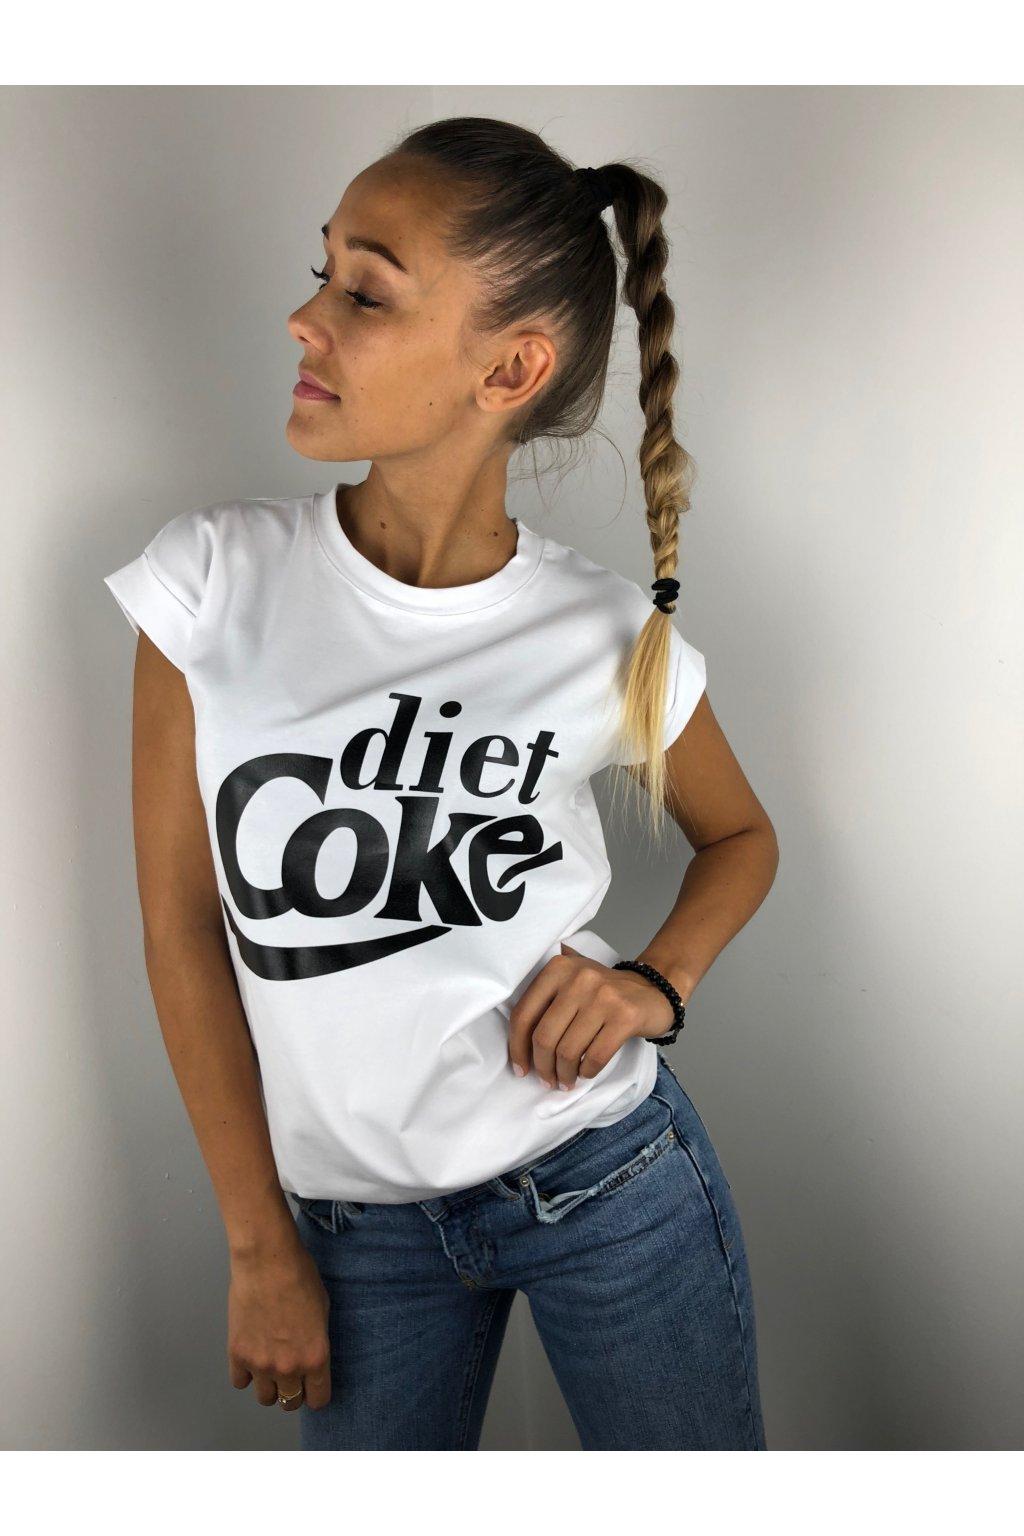 damske tricko diet coke white eshopat cz 1